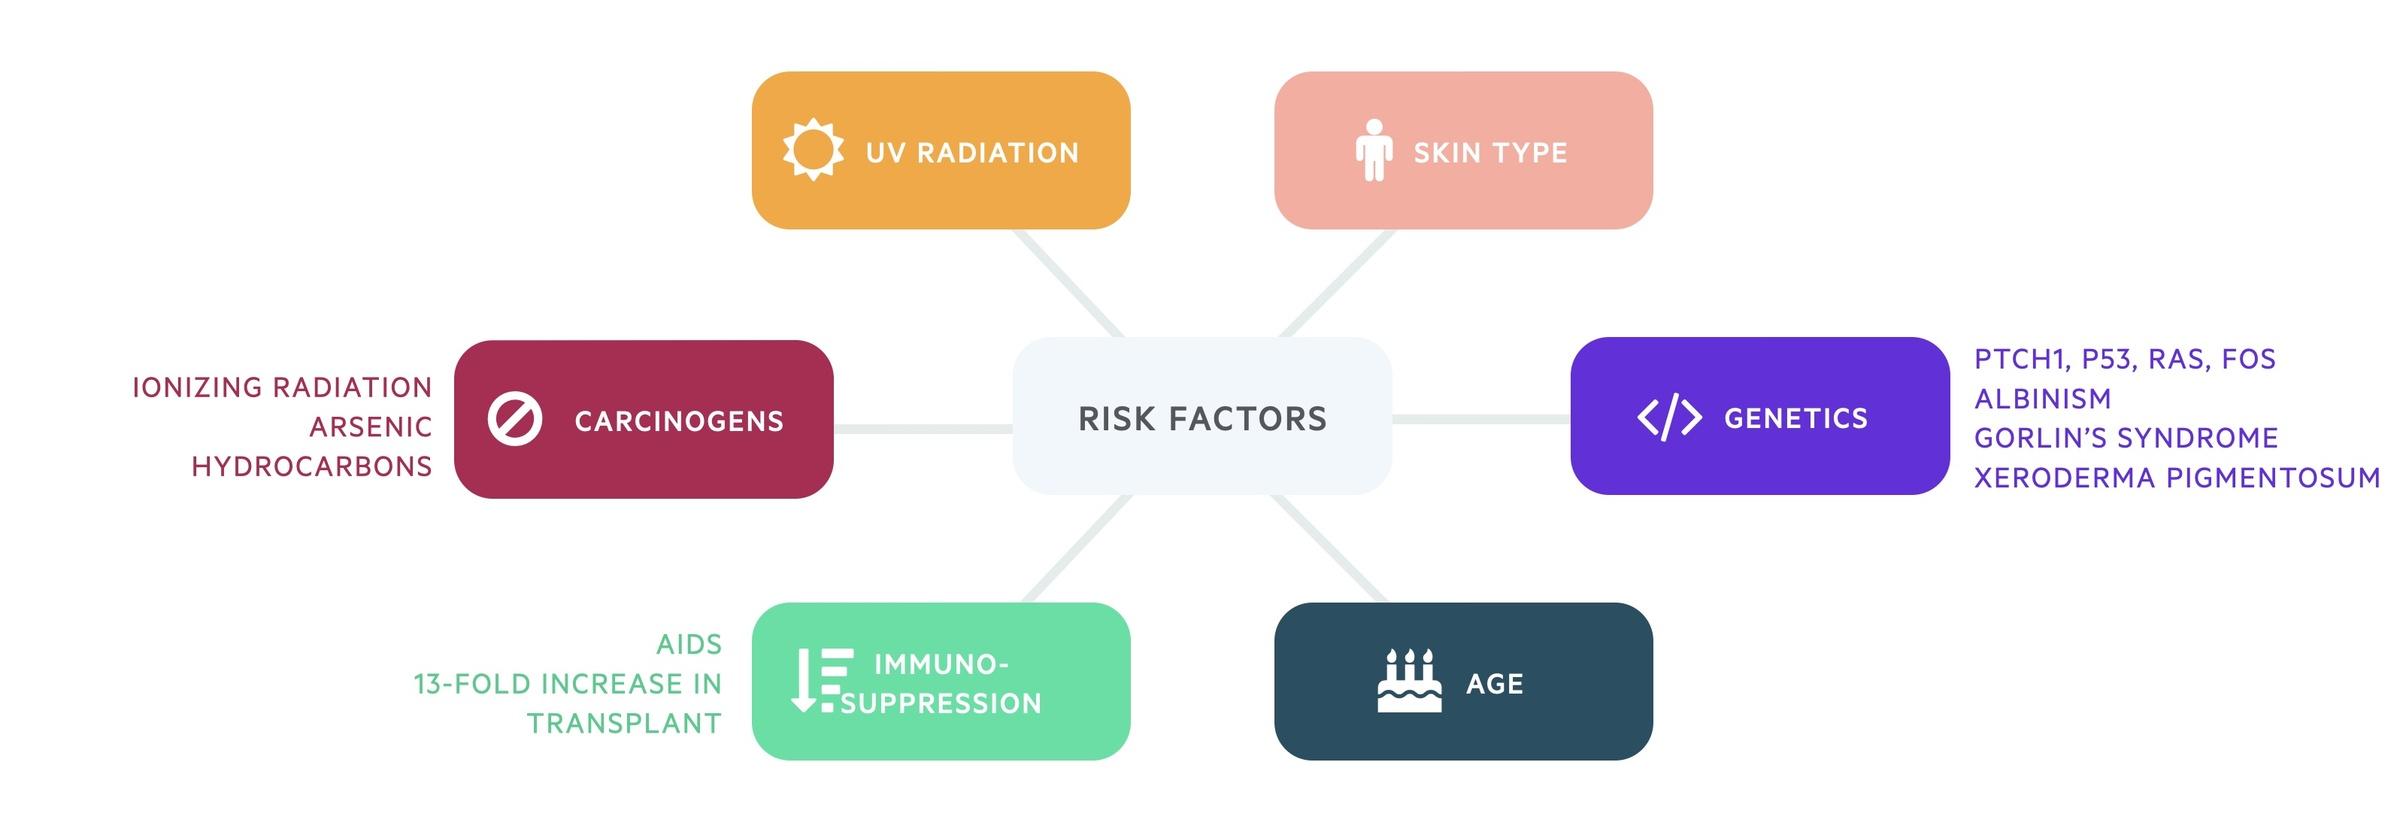 Risk factors for BCC